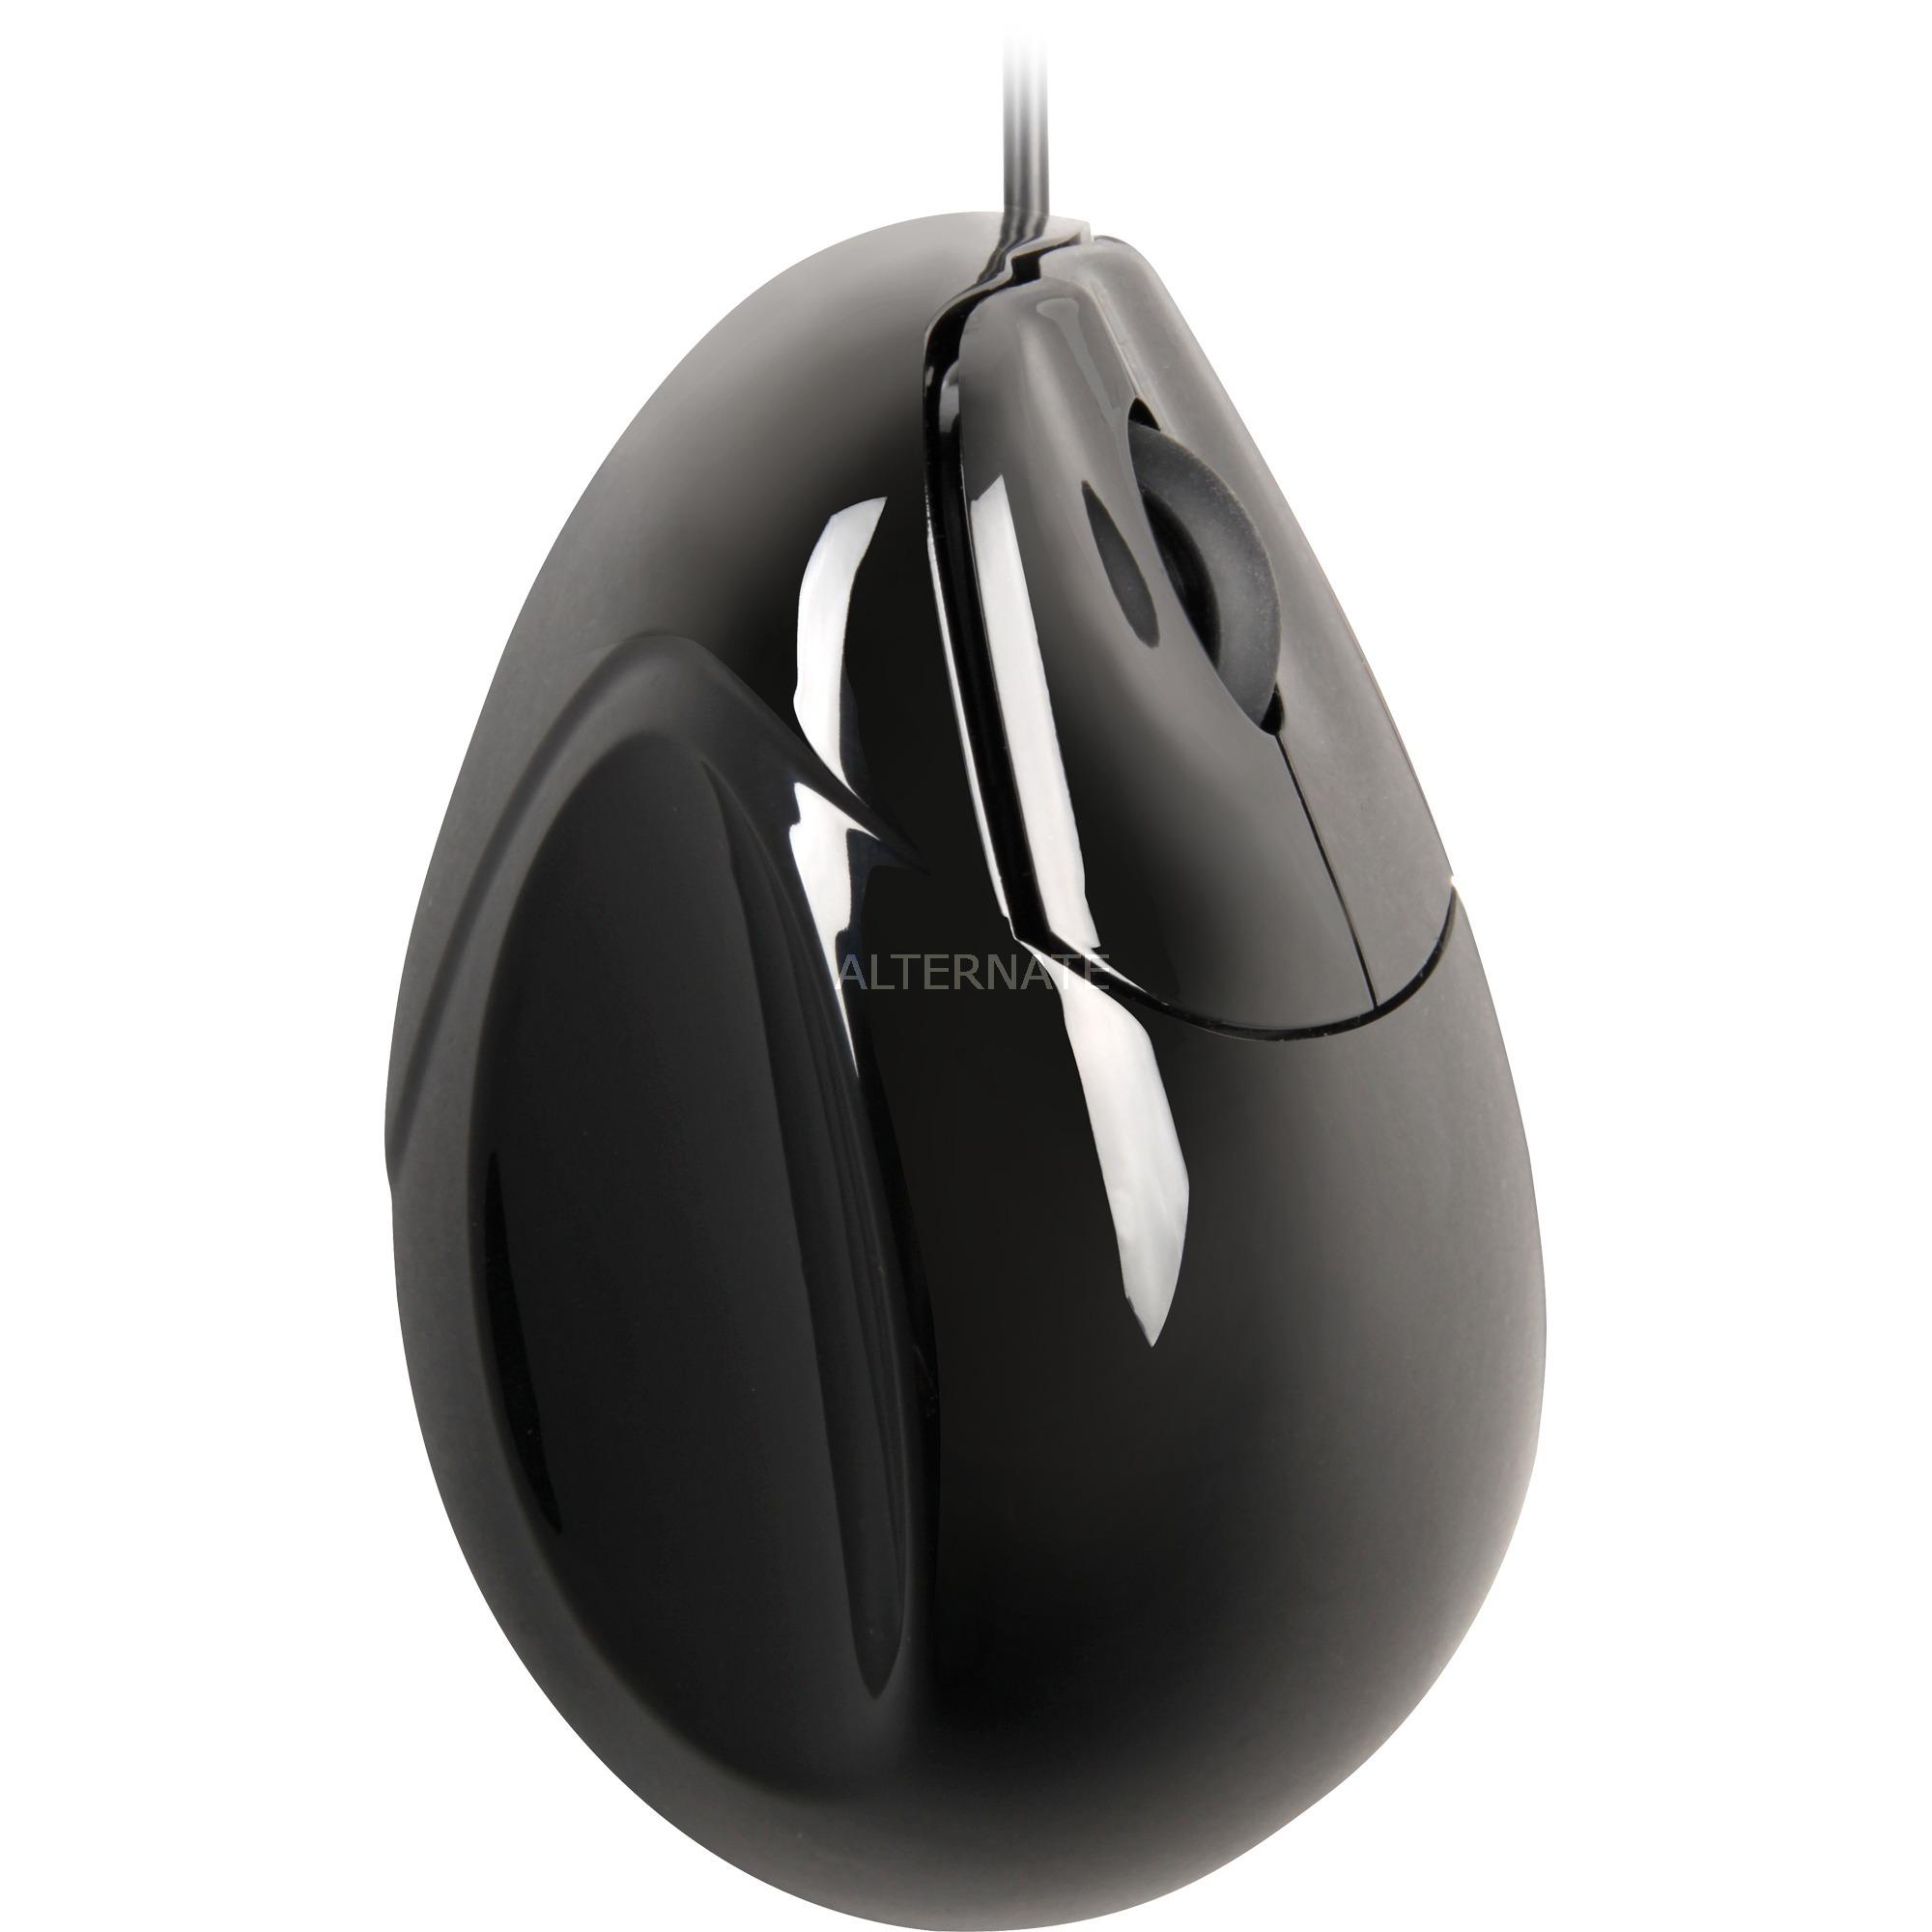 VMSR USB 1200DPI mano derecha Negro, Plata ratón